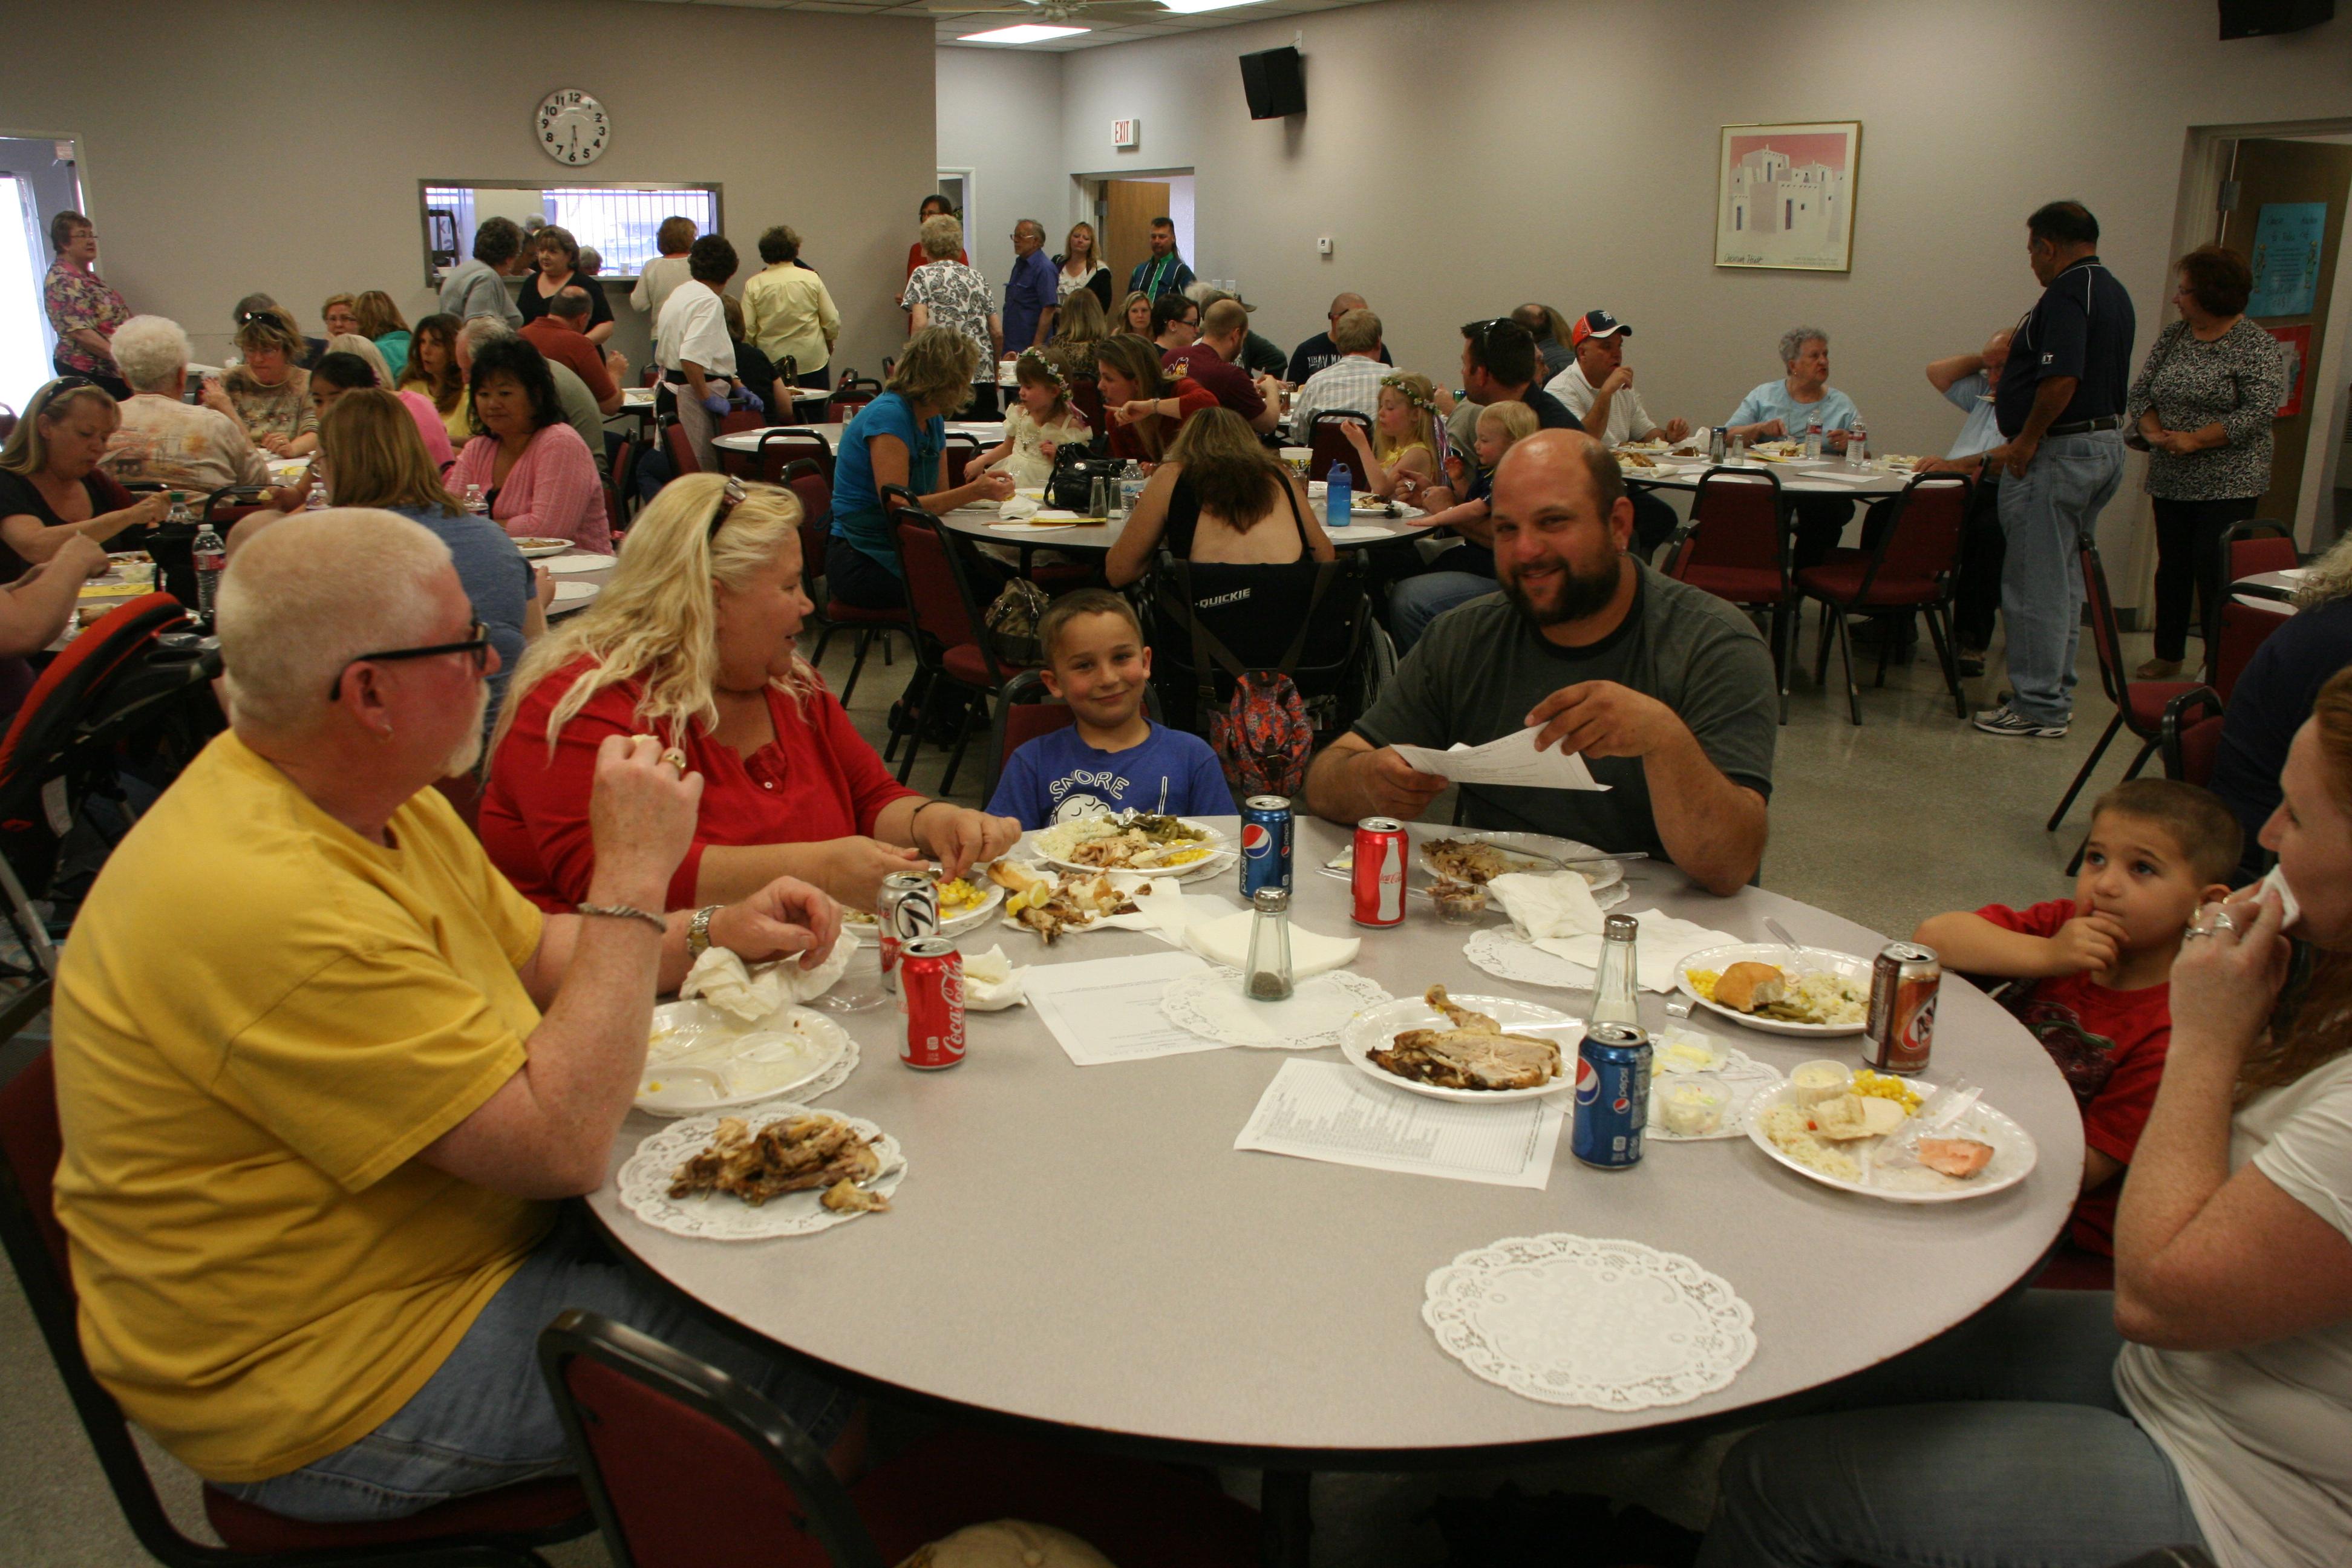 Annual Dave Lambert Memorial Salmon Dinner